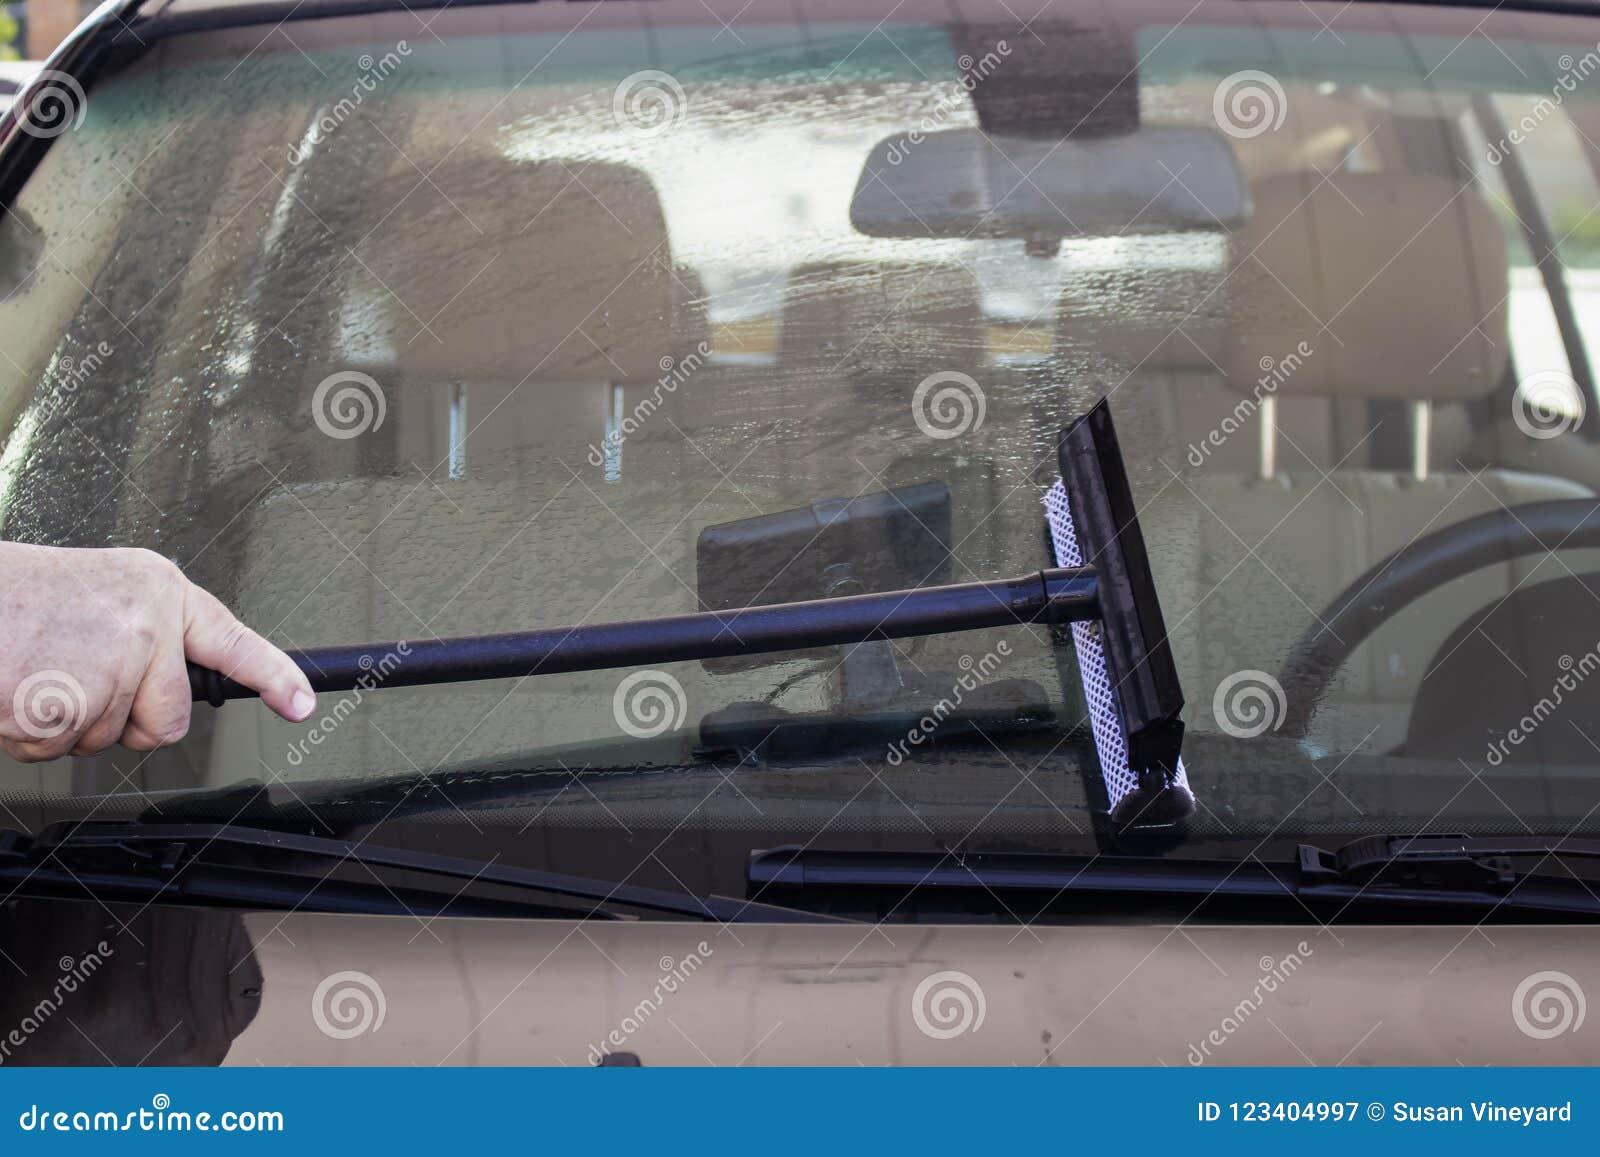 Närbild av mannen som använder skrapan för att göra ren vindrutan av en bil med GPS en synlig insida på streck